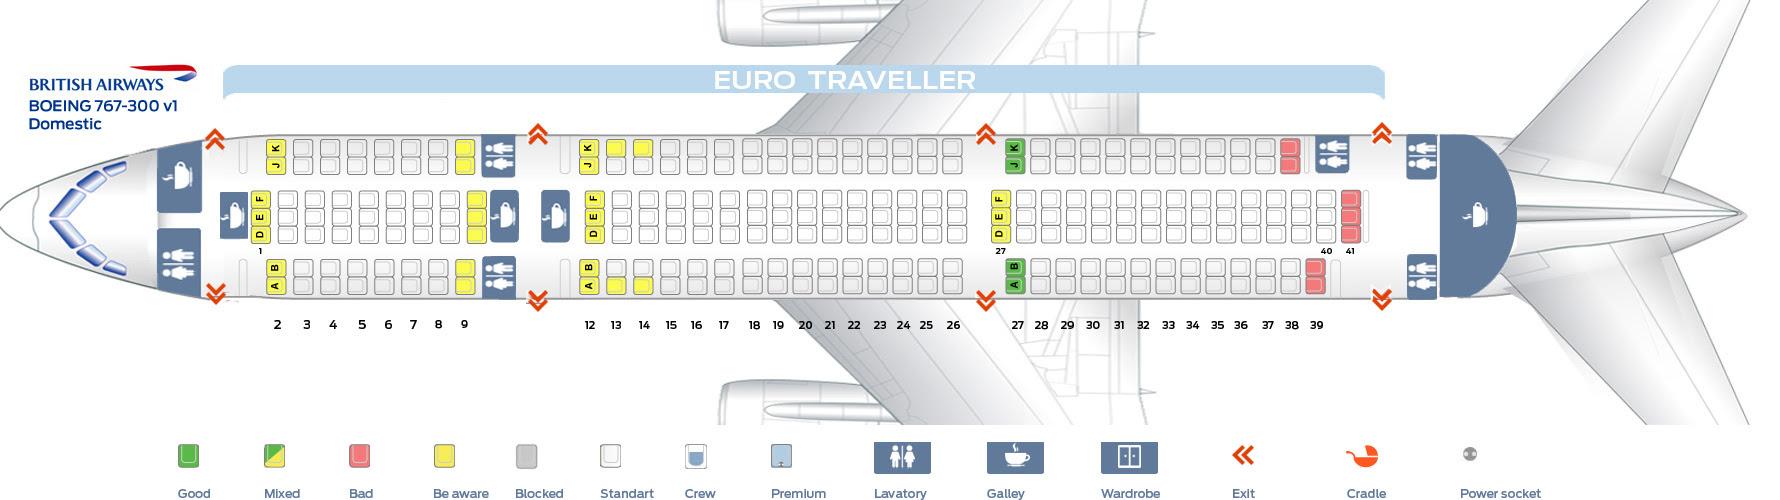 Seat Diagram Of Boeing 767 - Wiring Diagram Sch on